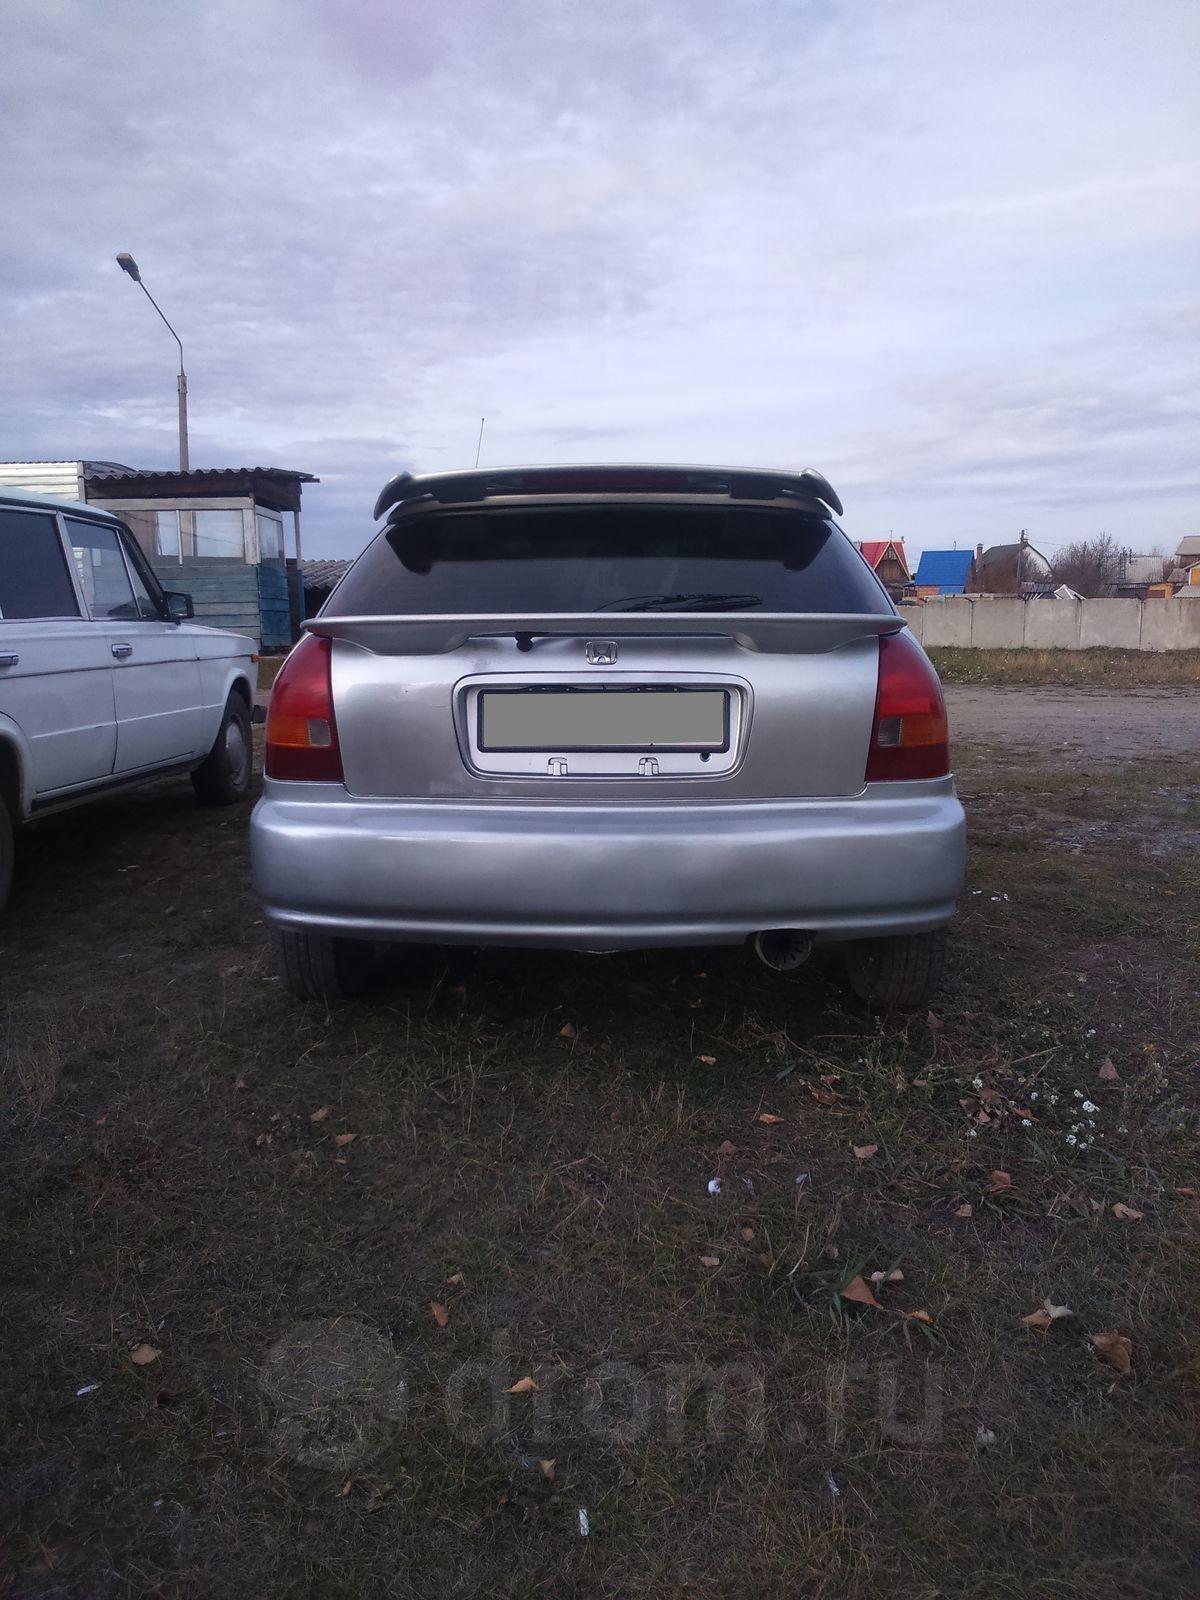 Продажа Хонда Цивик 1998 в Сосновоборске, Все вопросы по ...  Хонда Цивик 1998 Хэтчбек